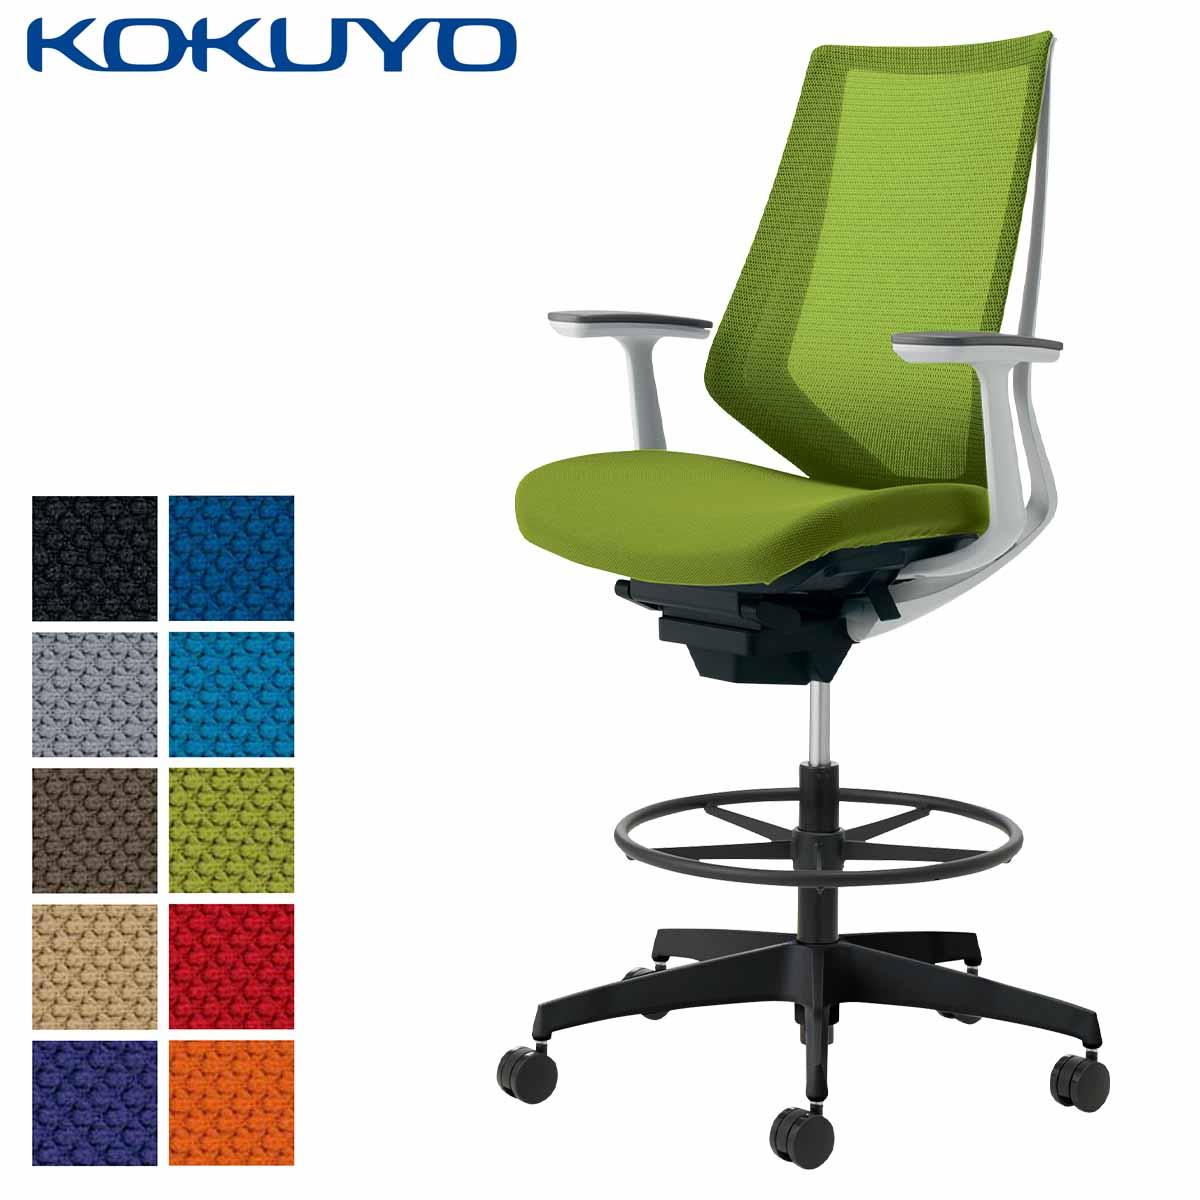 コクヨ デスクチェア オフィスチェア 椅子 duora デュオラ CR-FG3001E1 メッシュタイプ ハイタイプ T型肘 ホワイトシェル ブラック樹脂脚 -w カーペット用キャスター